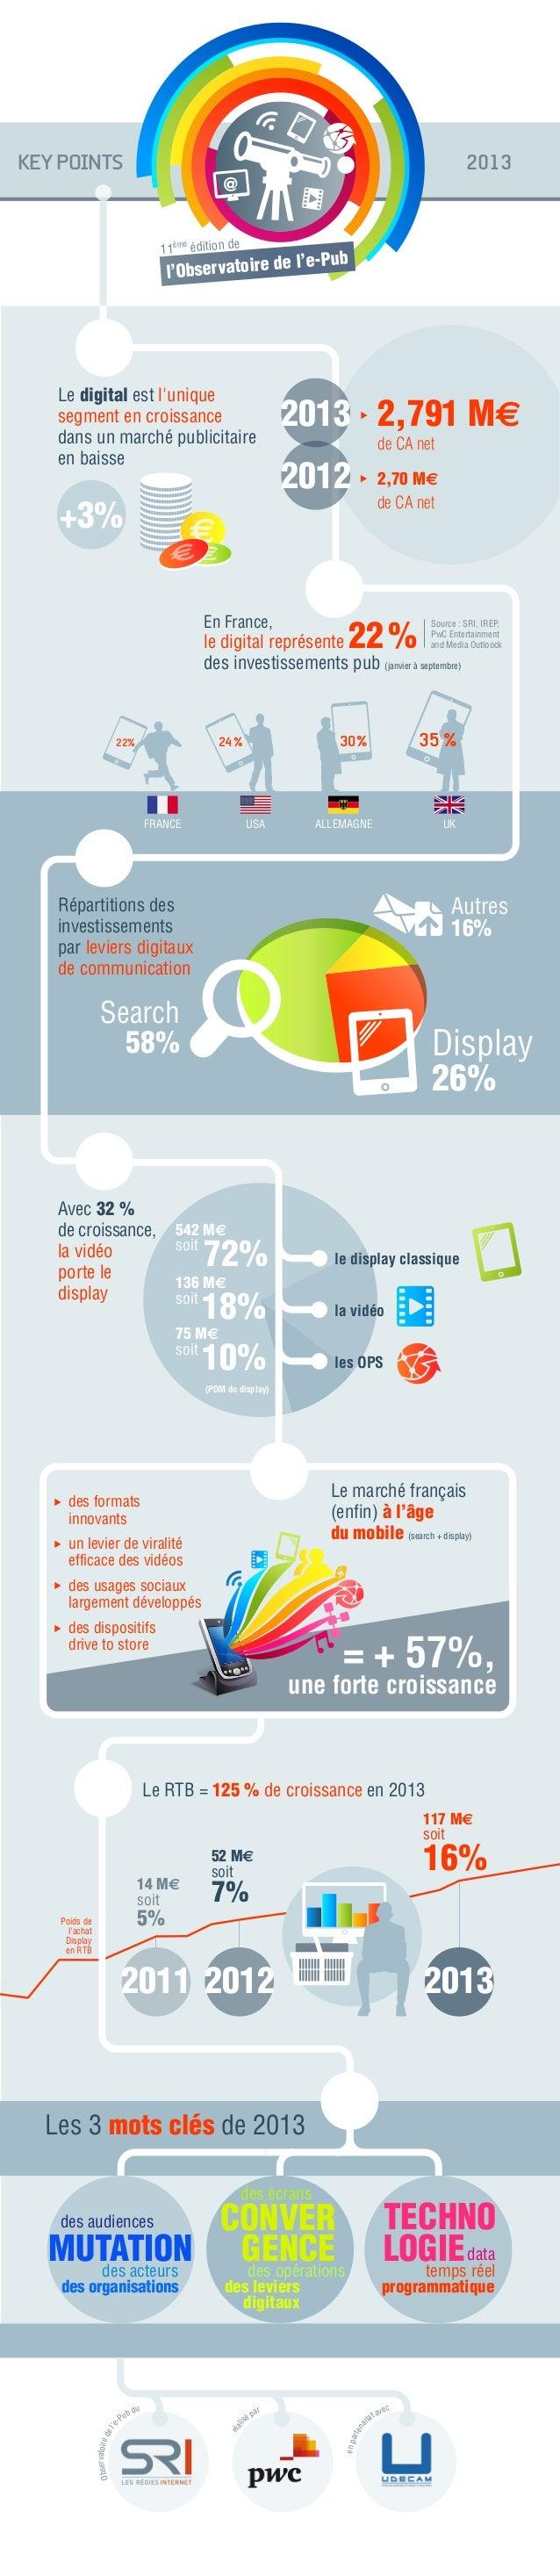 KEY POINTS  2013  ème  11  édition de  ub  rvatoire de l'e-P l'Obse  Le digital est l'unique segment en croissance dans un...